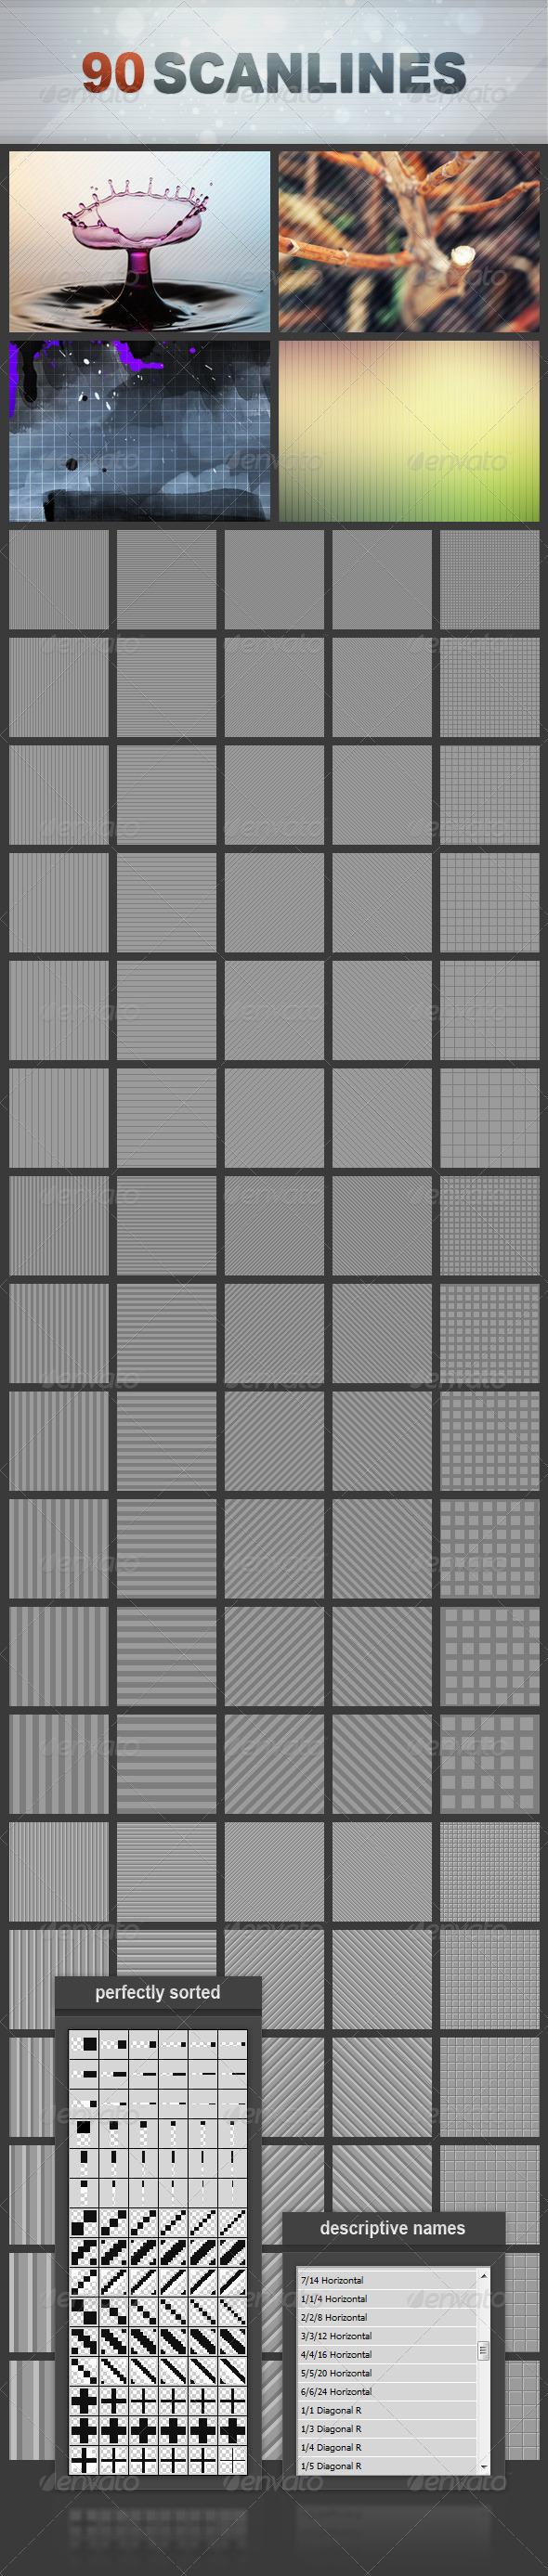 GraphicRiver 90 Scanlines Mega Pack 2003492